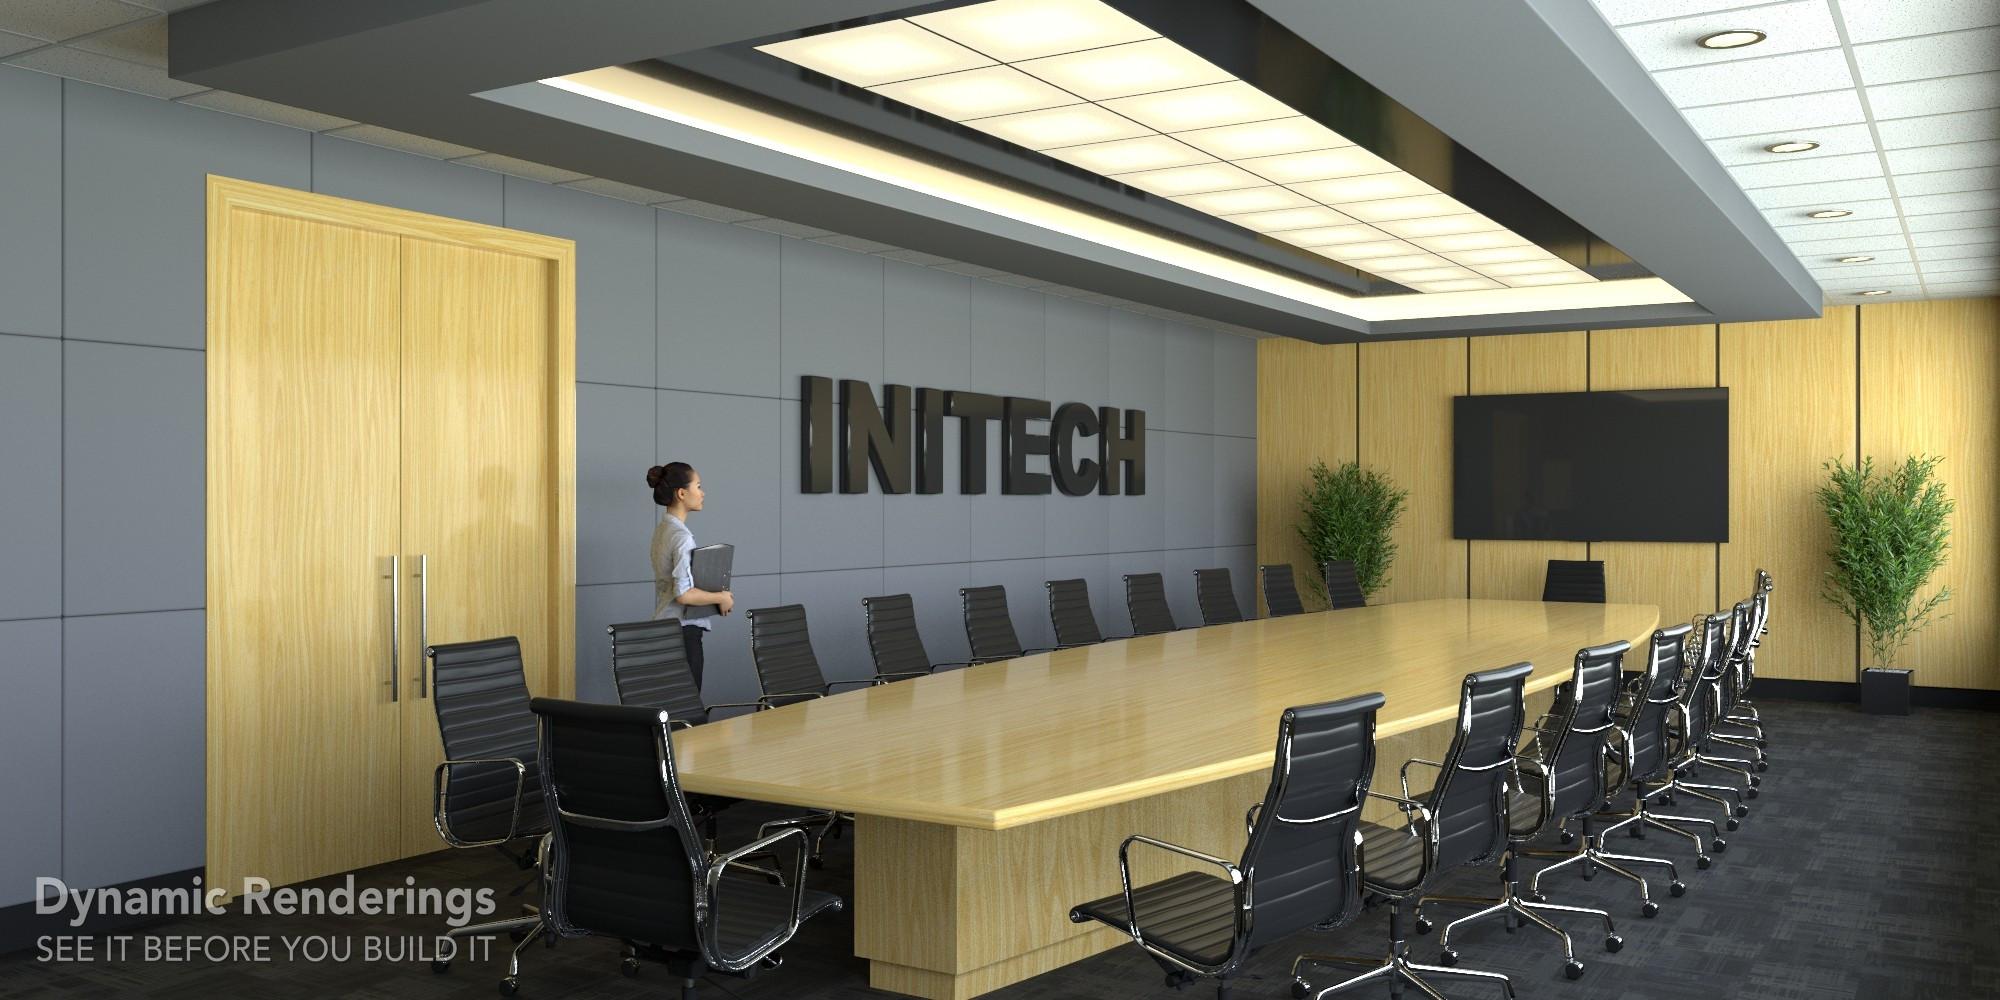 Boardroom_Initech.jpg